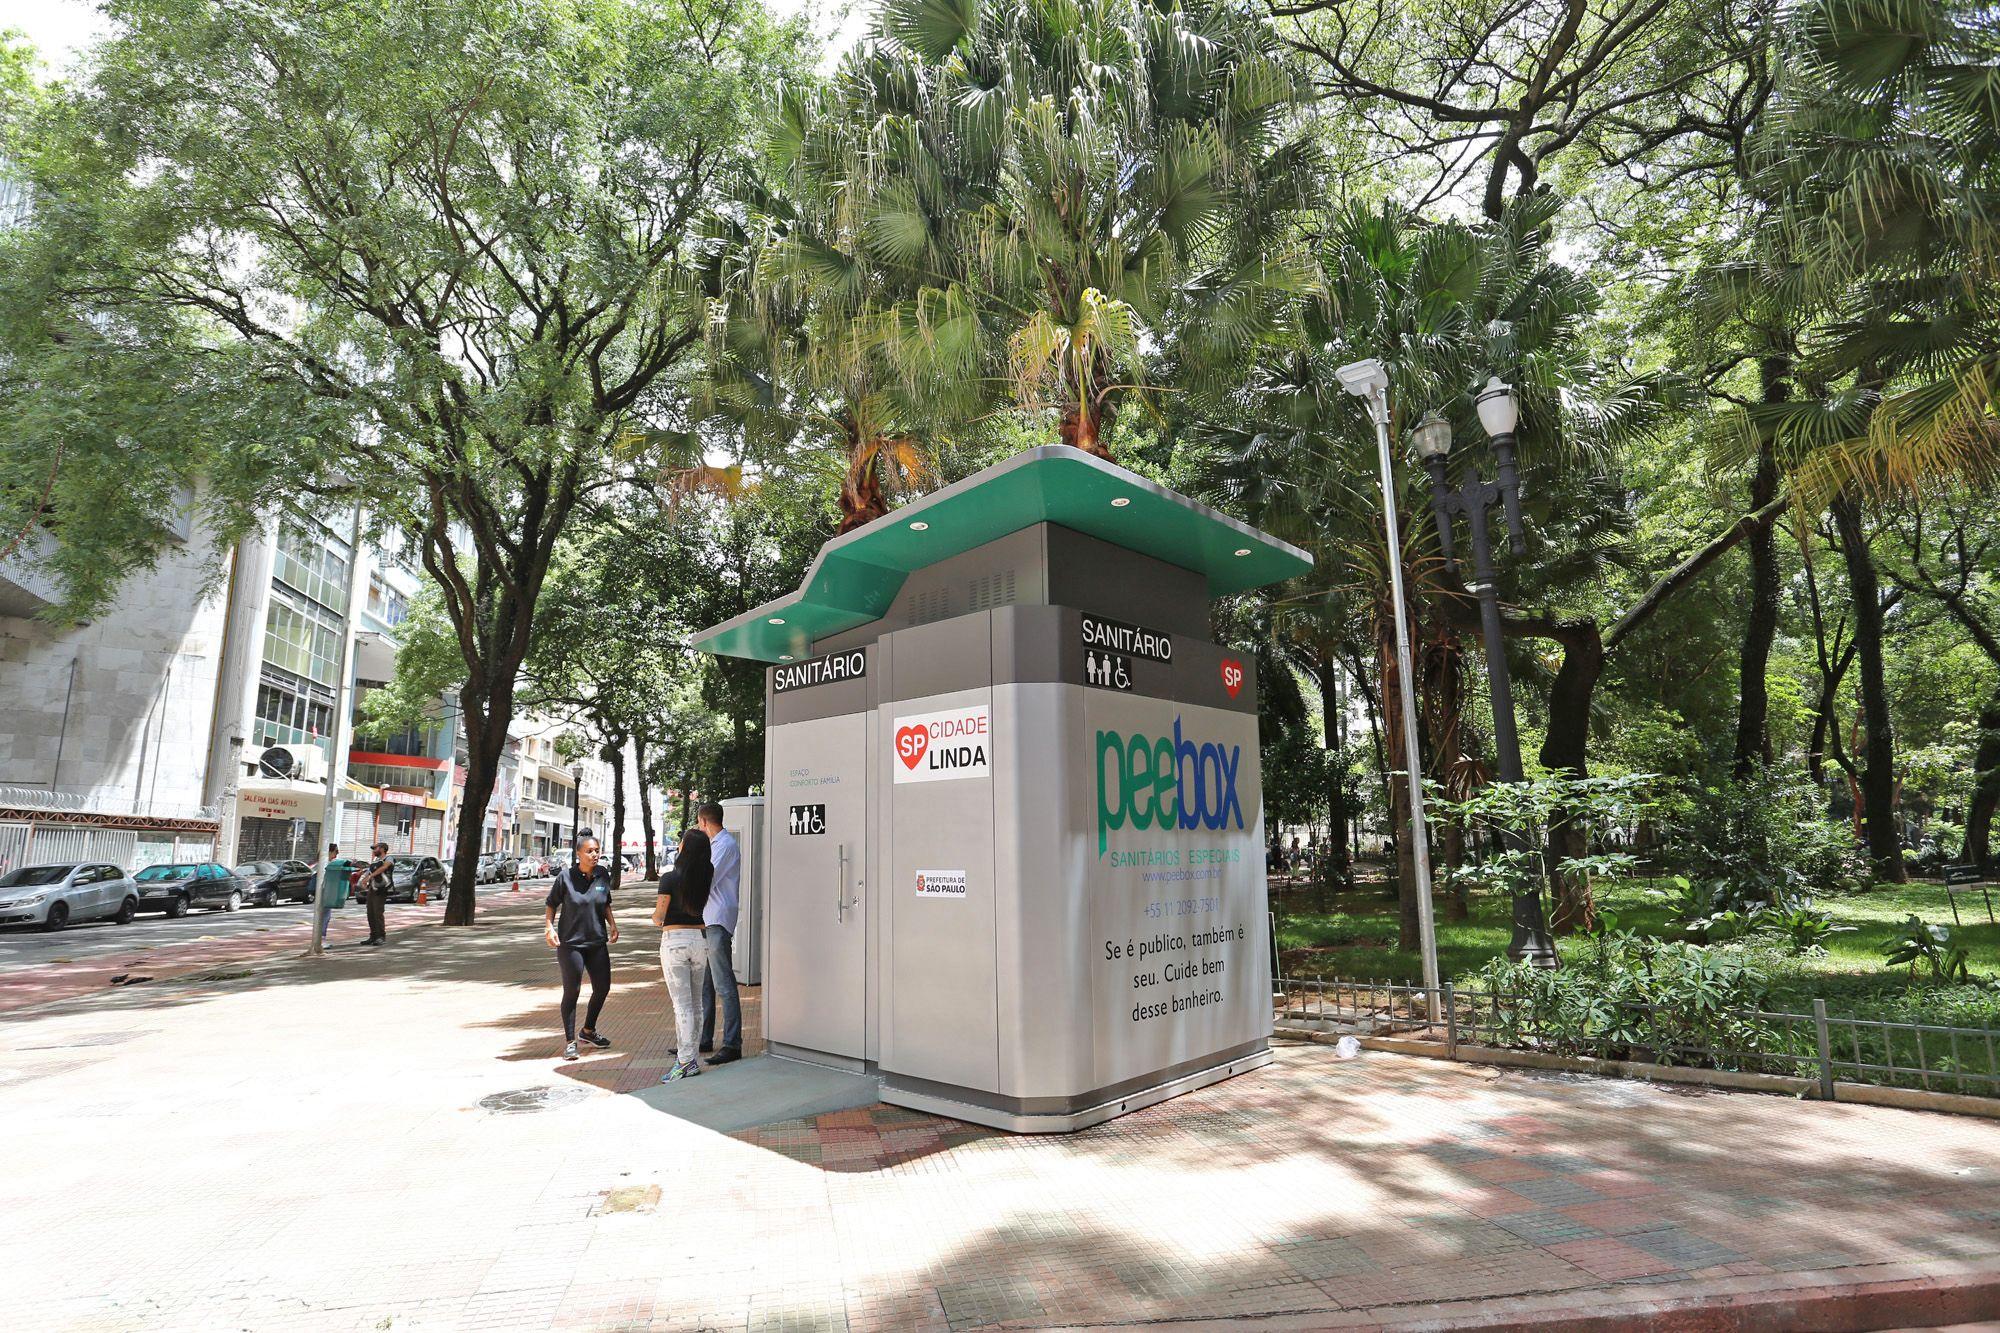 banheiros químicos / Divulgação/Prefeitura do Estado de São Paulo #377561 2000 1333